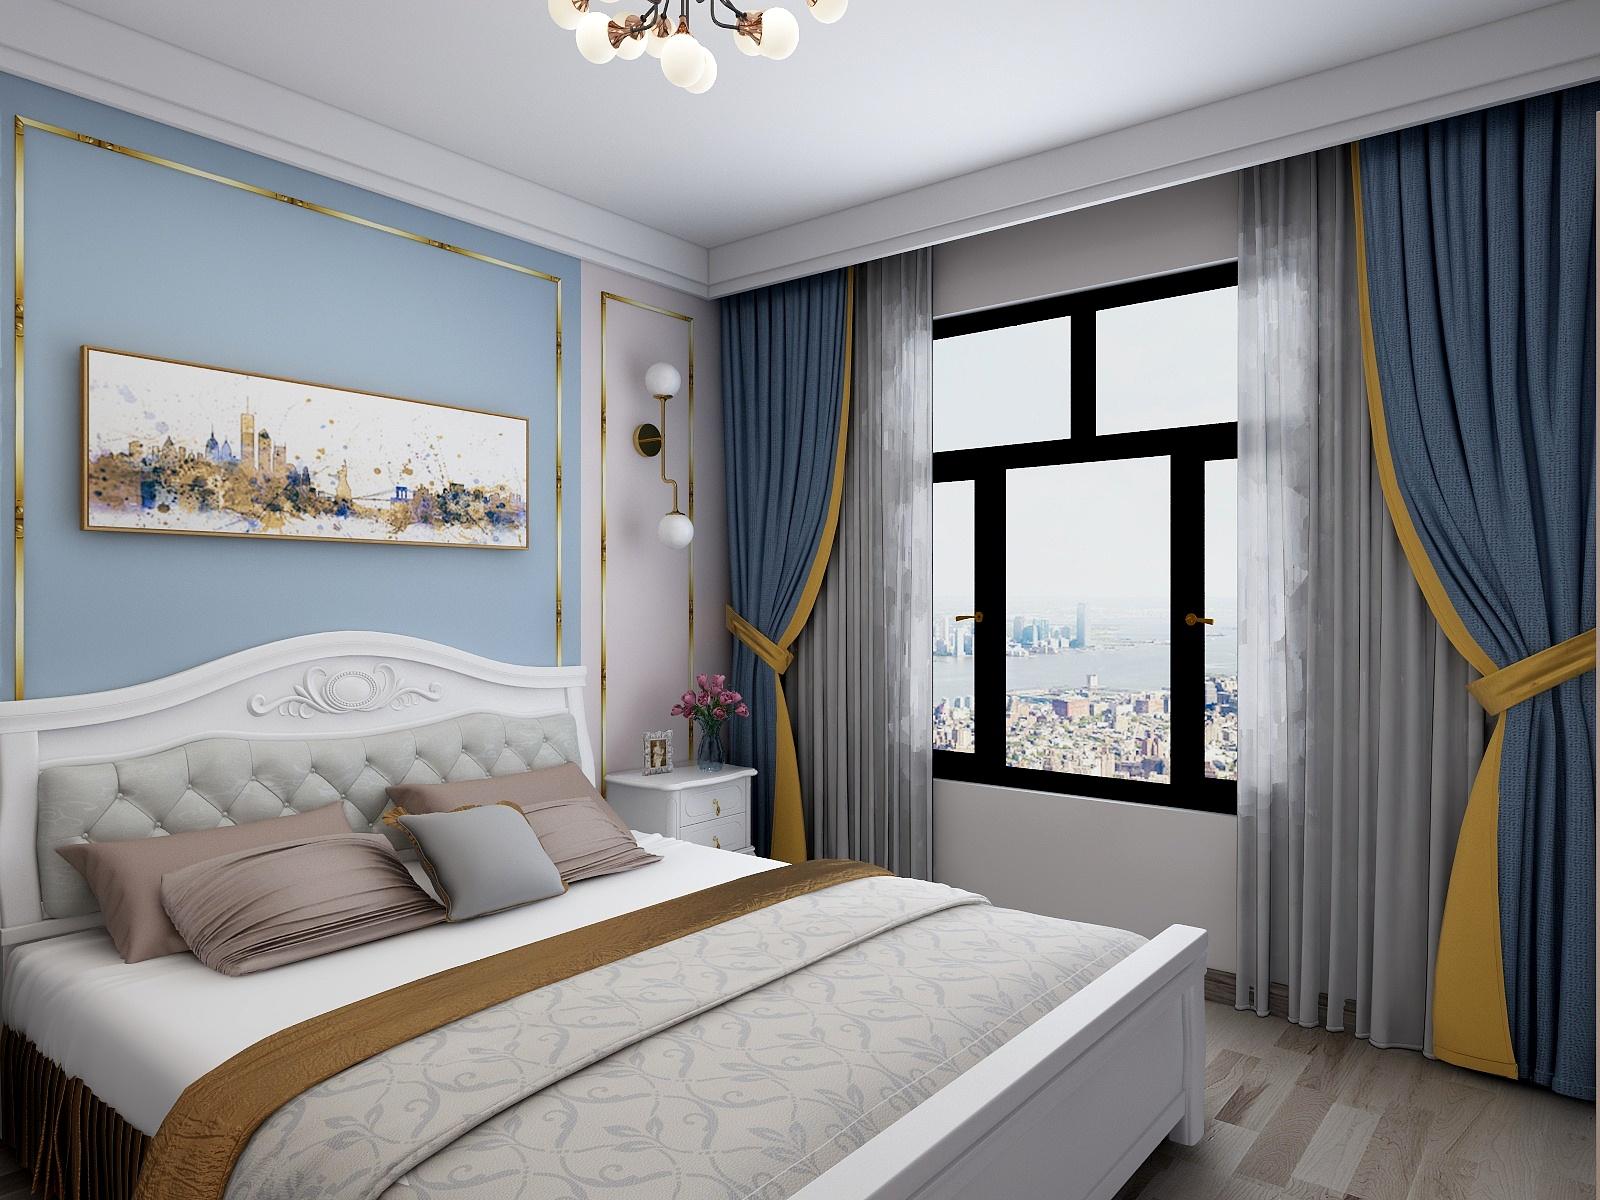 60㎡简美风格卧室装修效果图